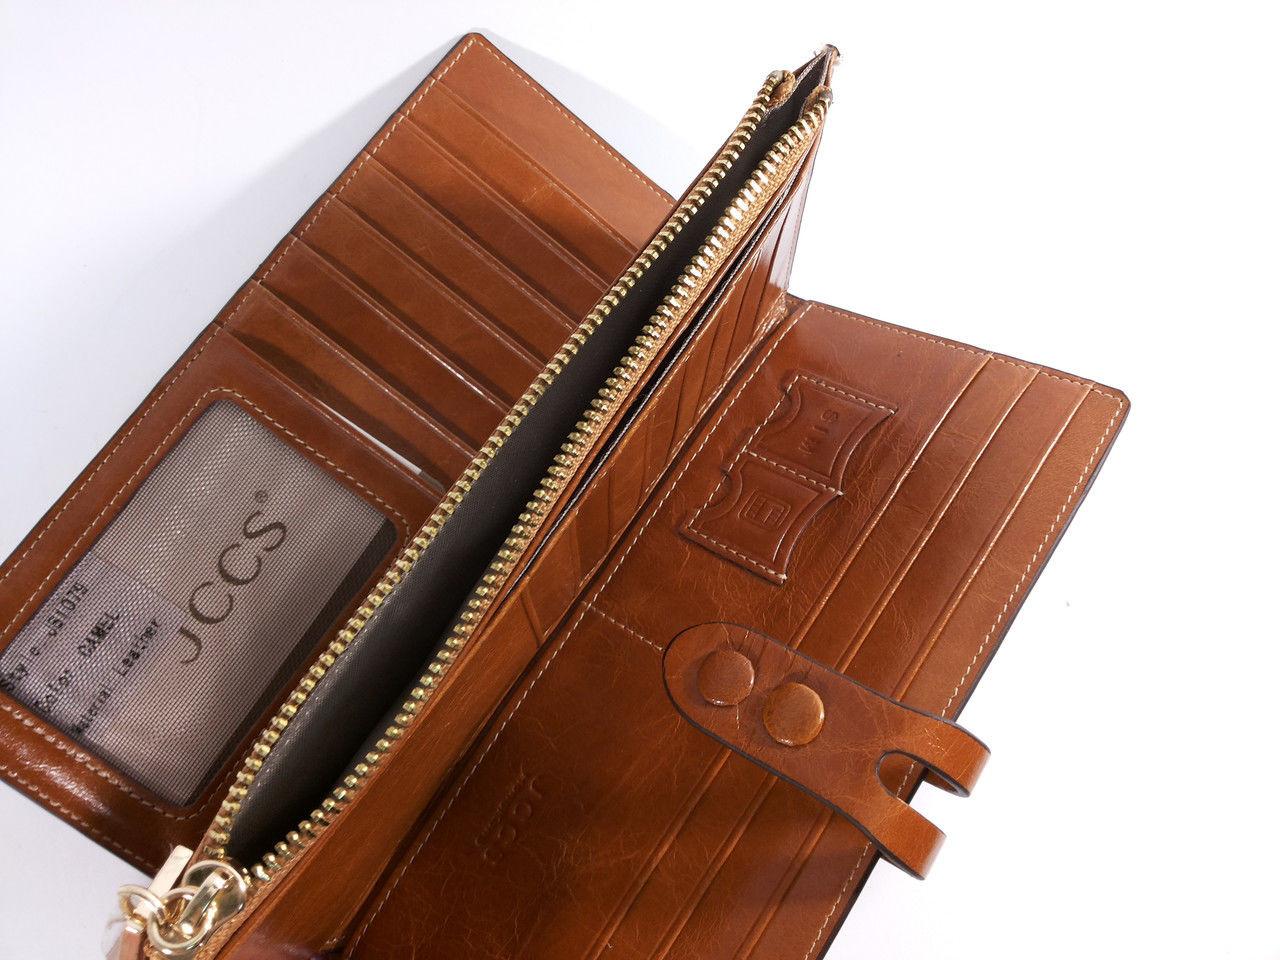 96ed35d419ff Кошелек кожаный женский коричневый JCCS 1079 - купить по лучшей цене ...